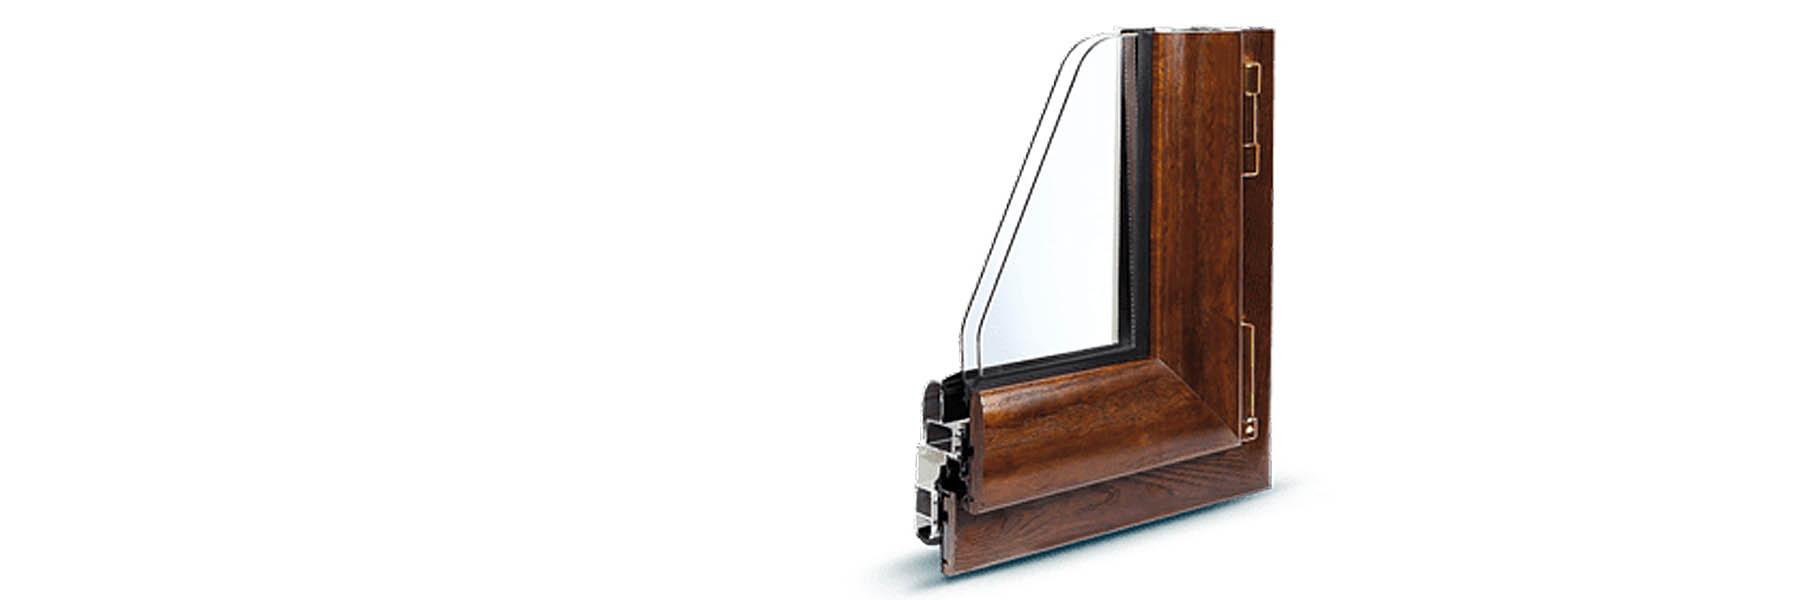 serramenti-battente-alluminio-legno-ewin87